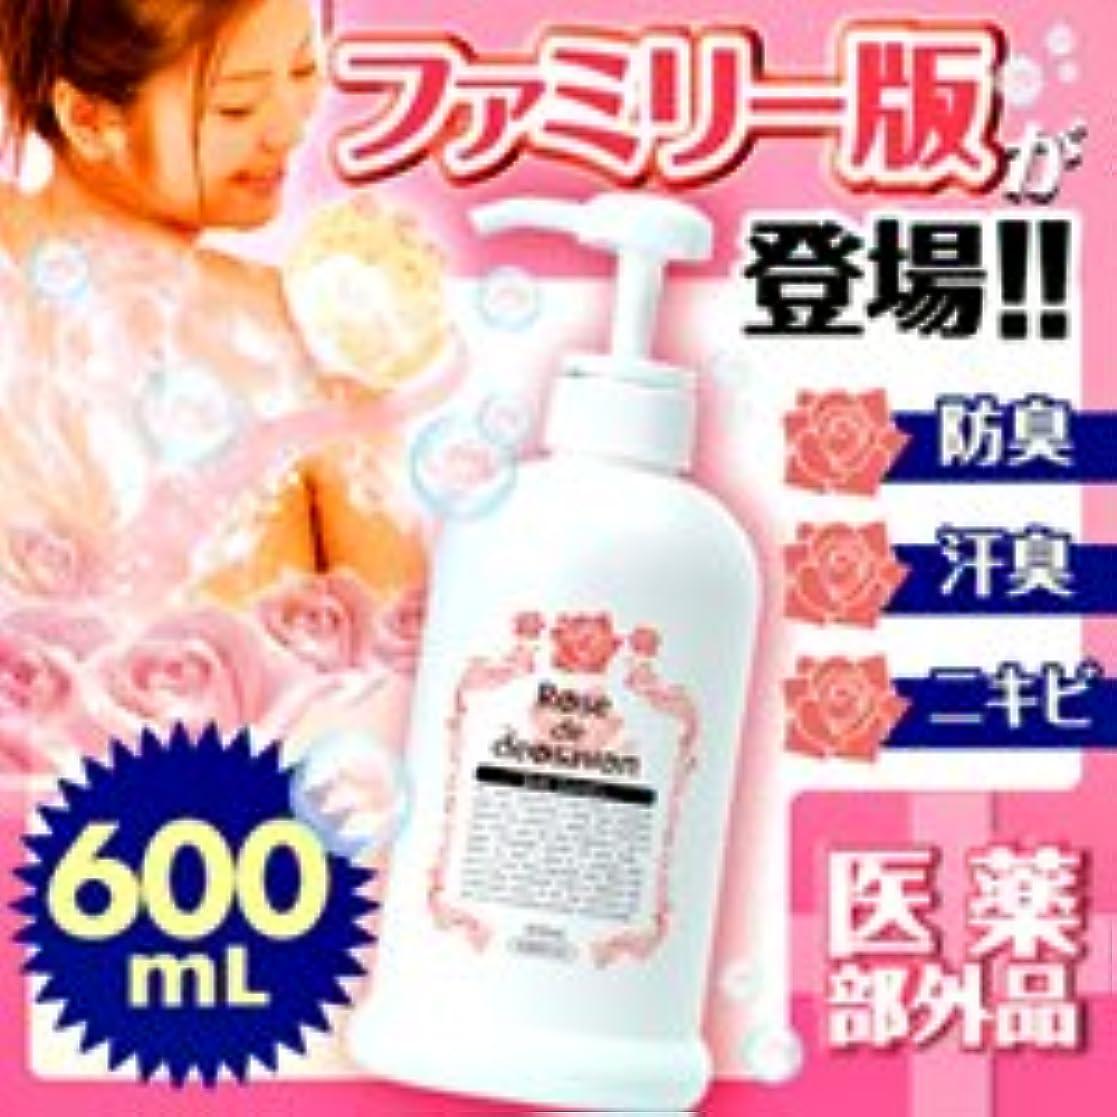 収縮保証ブロックローズドデオシャボン 増量版600ml ※体臭や加齢臭対策に大人気!ファミリー版新登場です!